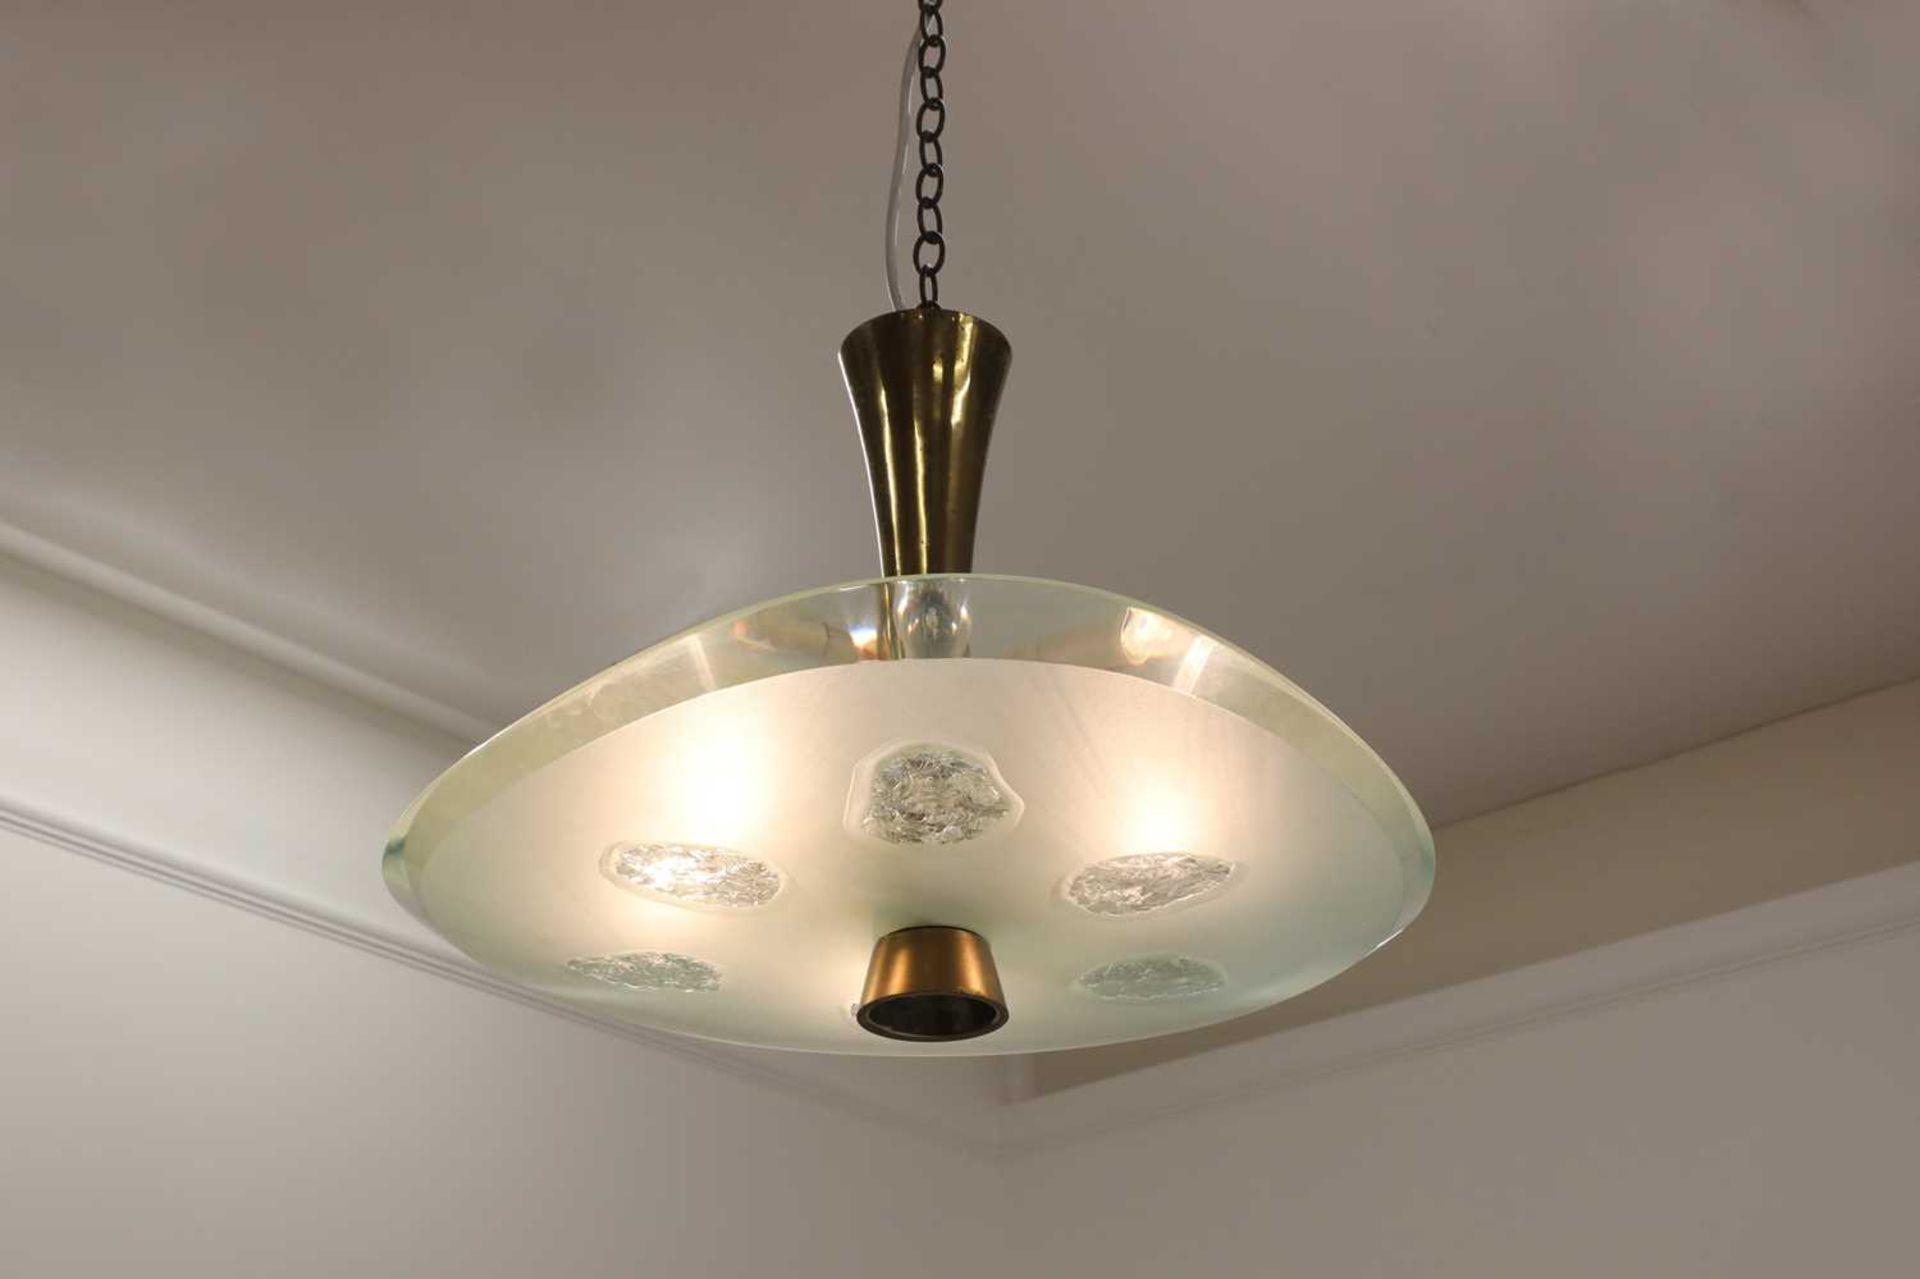 A Fontana Arte 'Model 1748' ceiling light, - Image 2 of 5